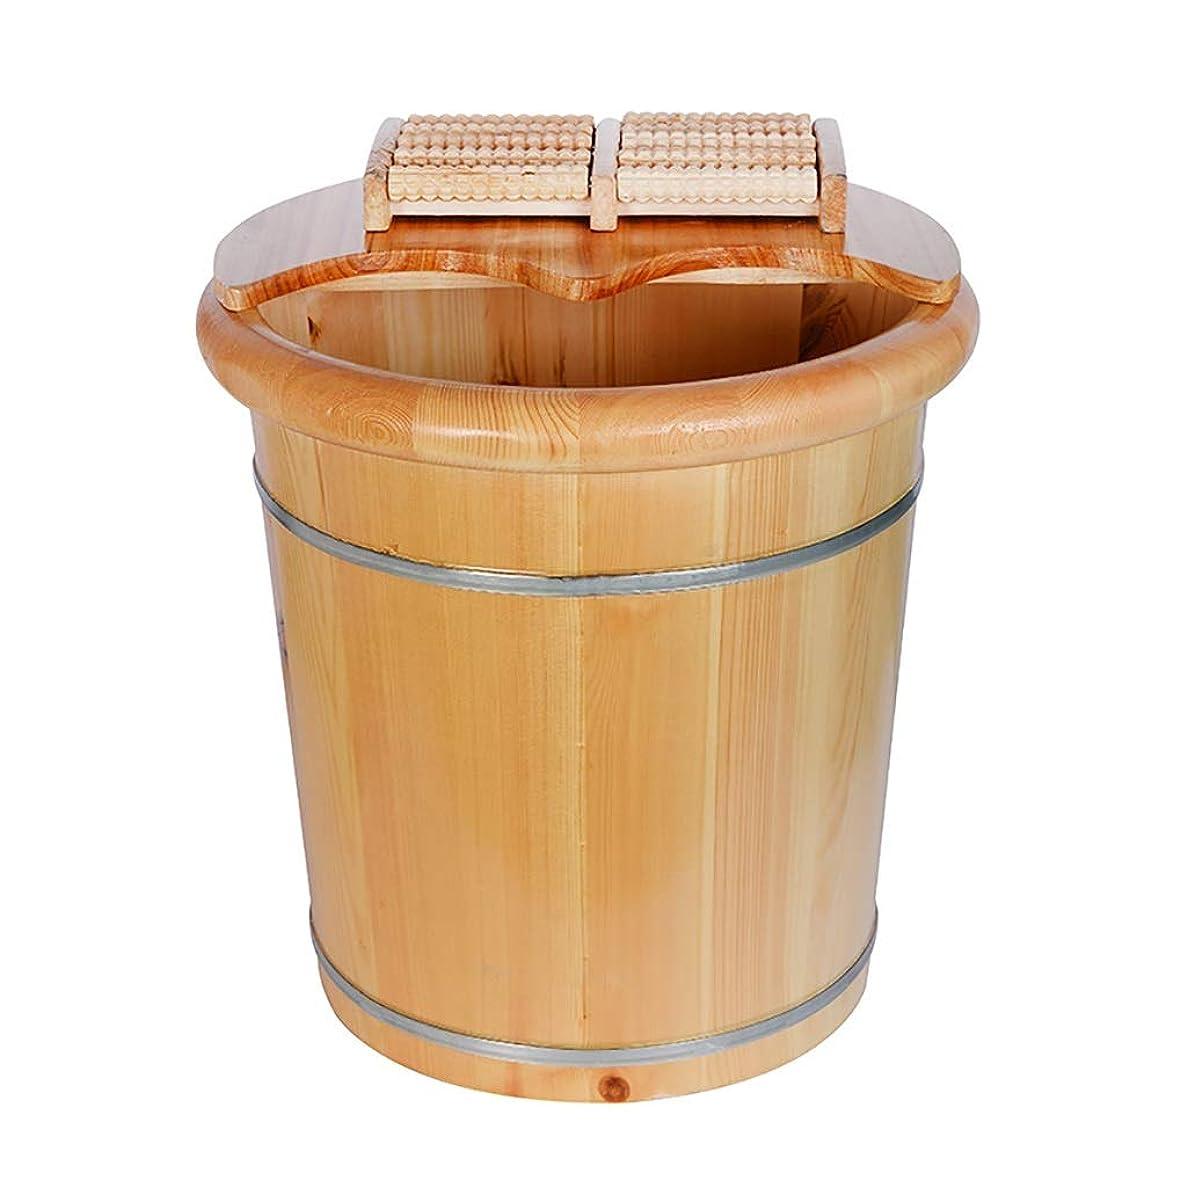 突き出す繊細修士号木製フットバスハイマッサージフットバスバレルフットマッサージ用ペディキュアボウルスパマッサージフットバスバレルフットウォッシングバレル (Color : A)